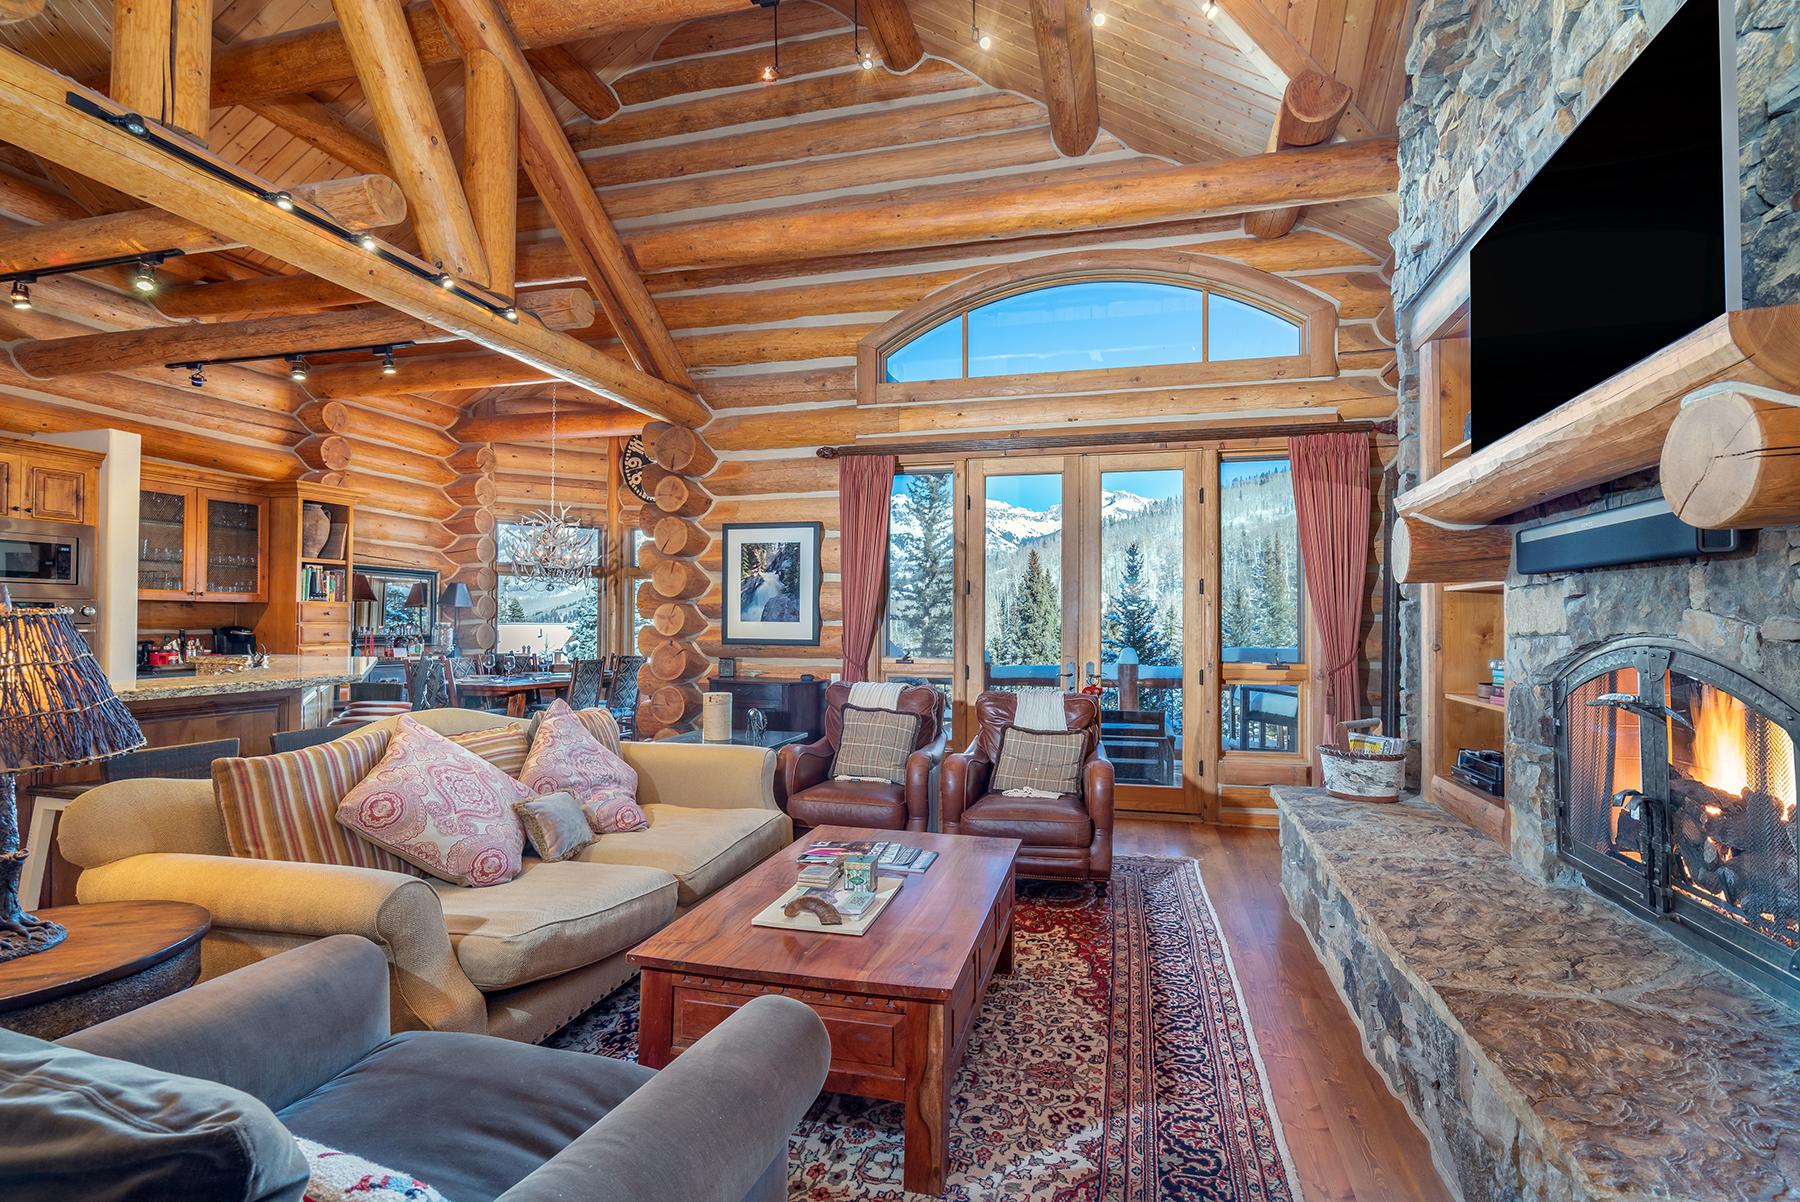 225 Ridgeline Dr. - Tristant Mountain Village CO